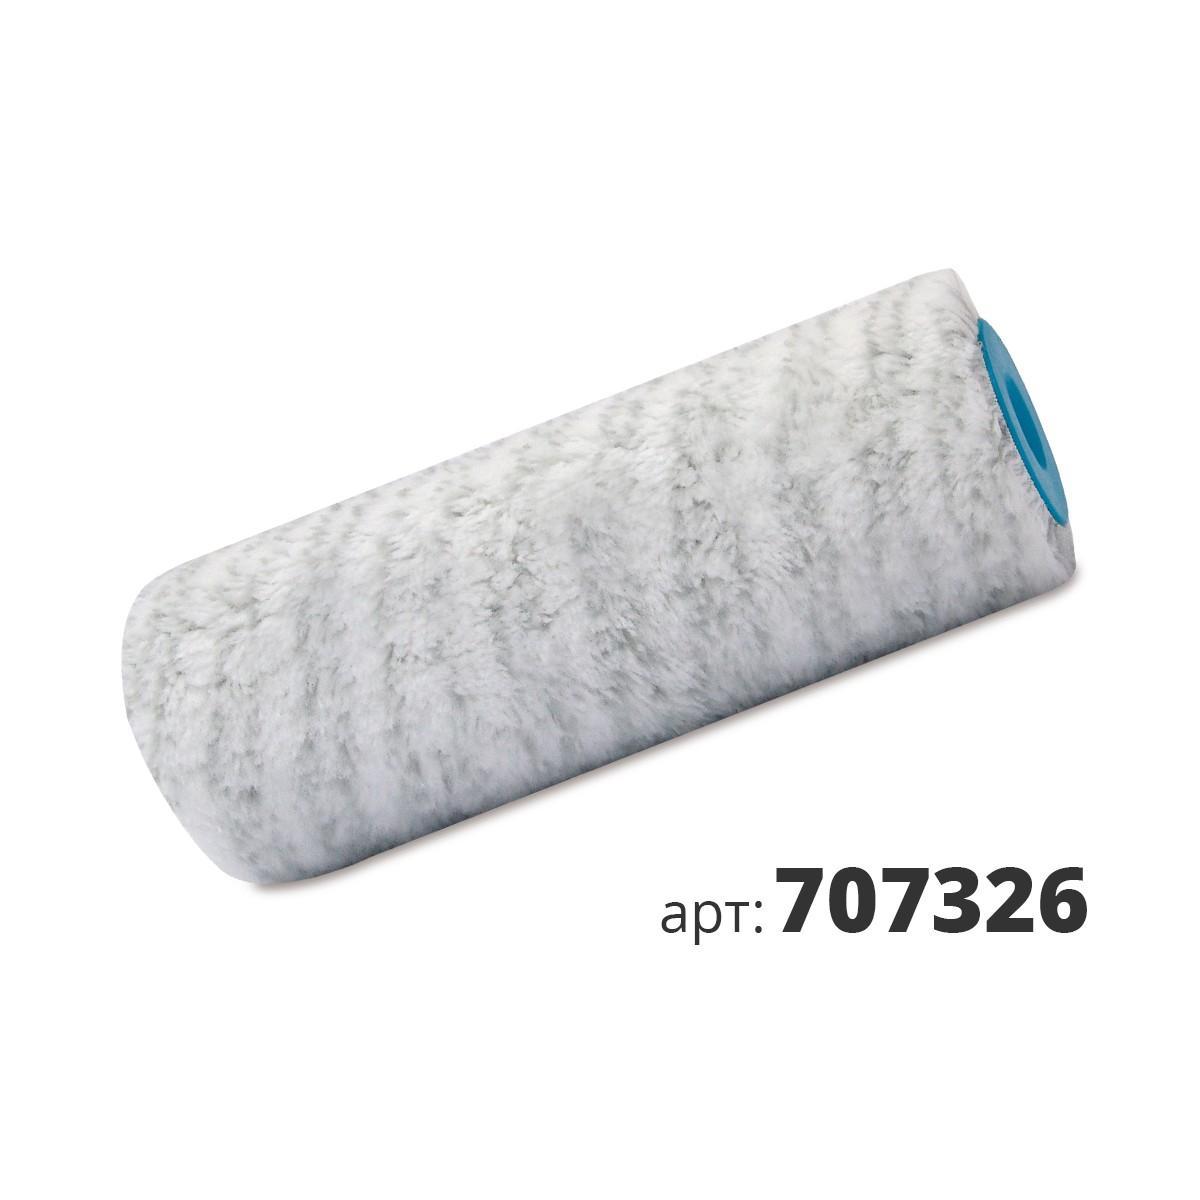 МАКО валик сменный Silberstreif, тканный полиамид 707326